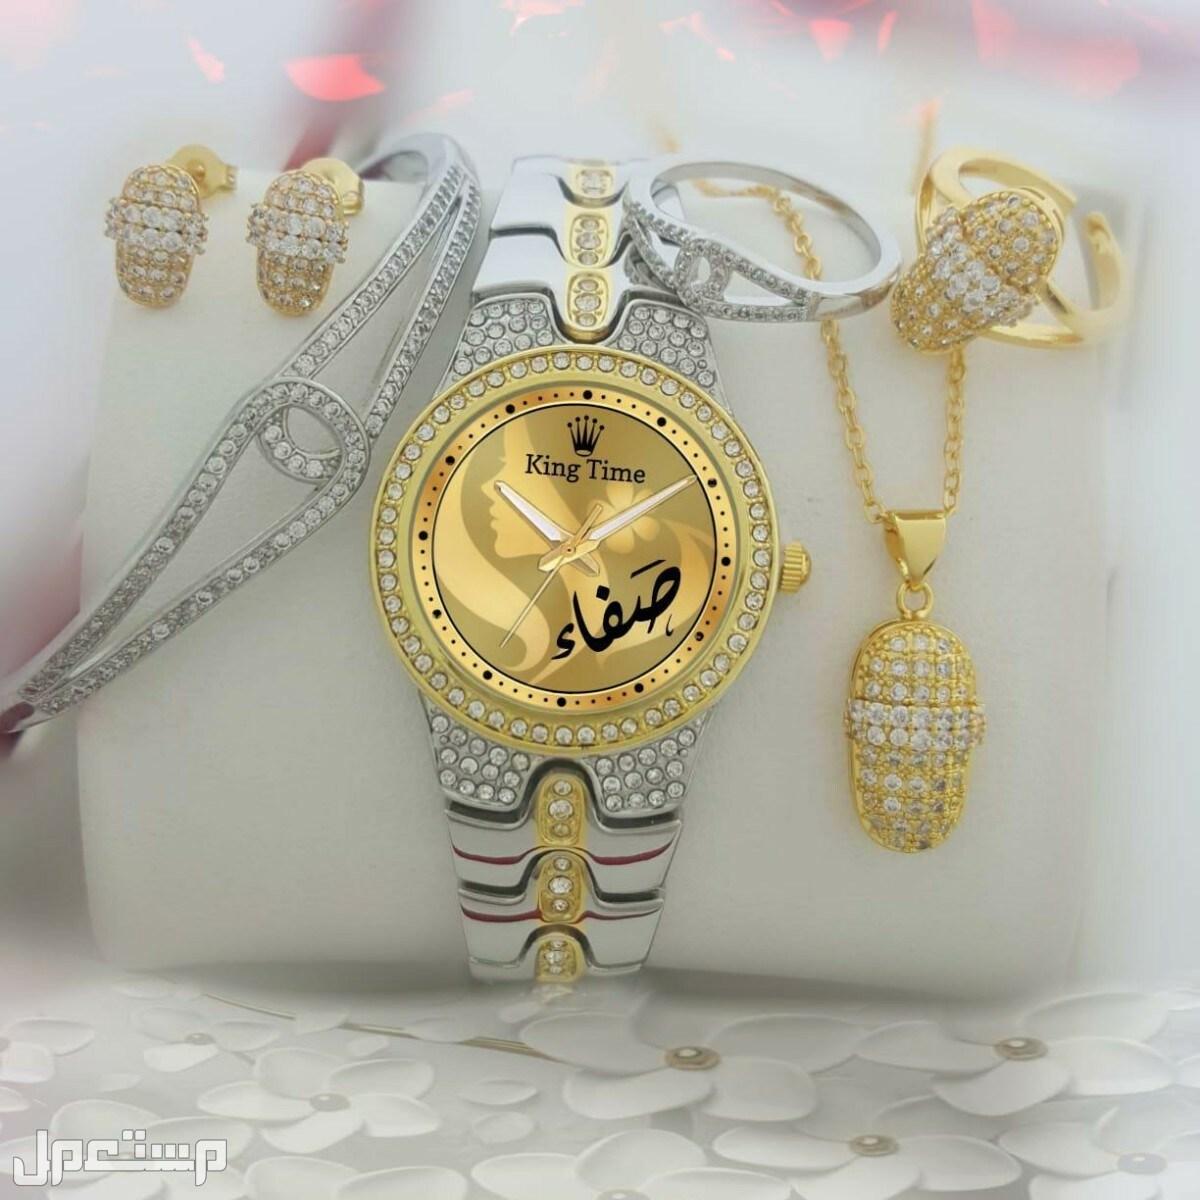 اطقم ساعات نسائية باسم من تحب # يتوفر شحن